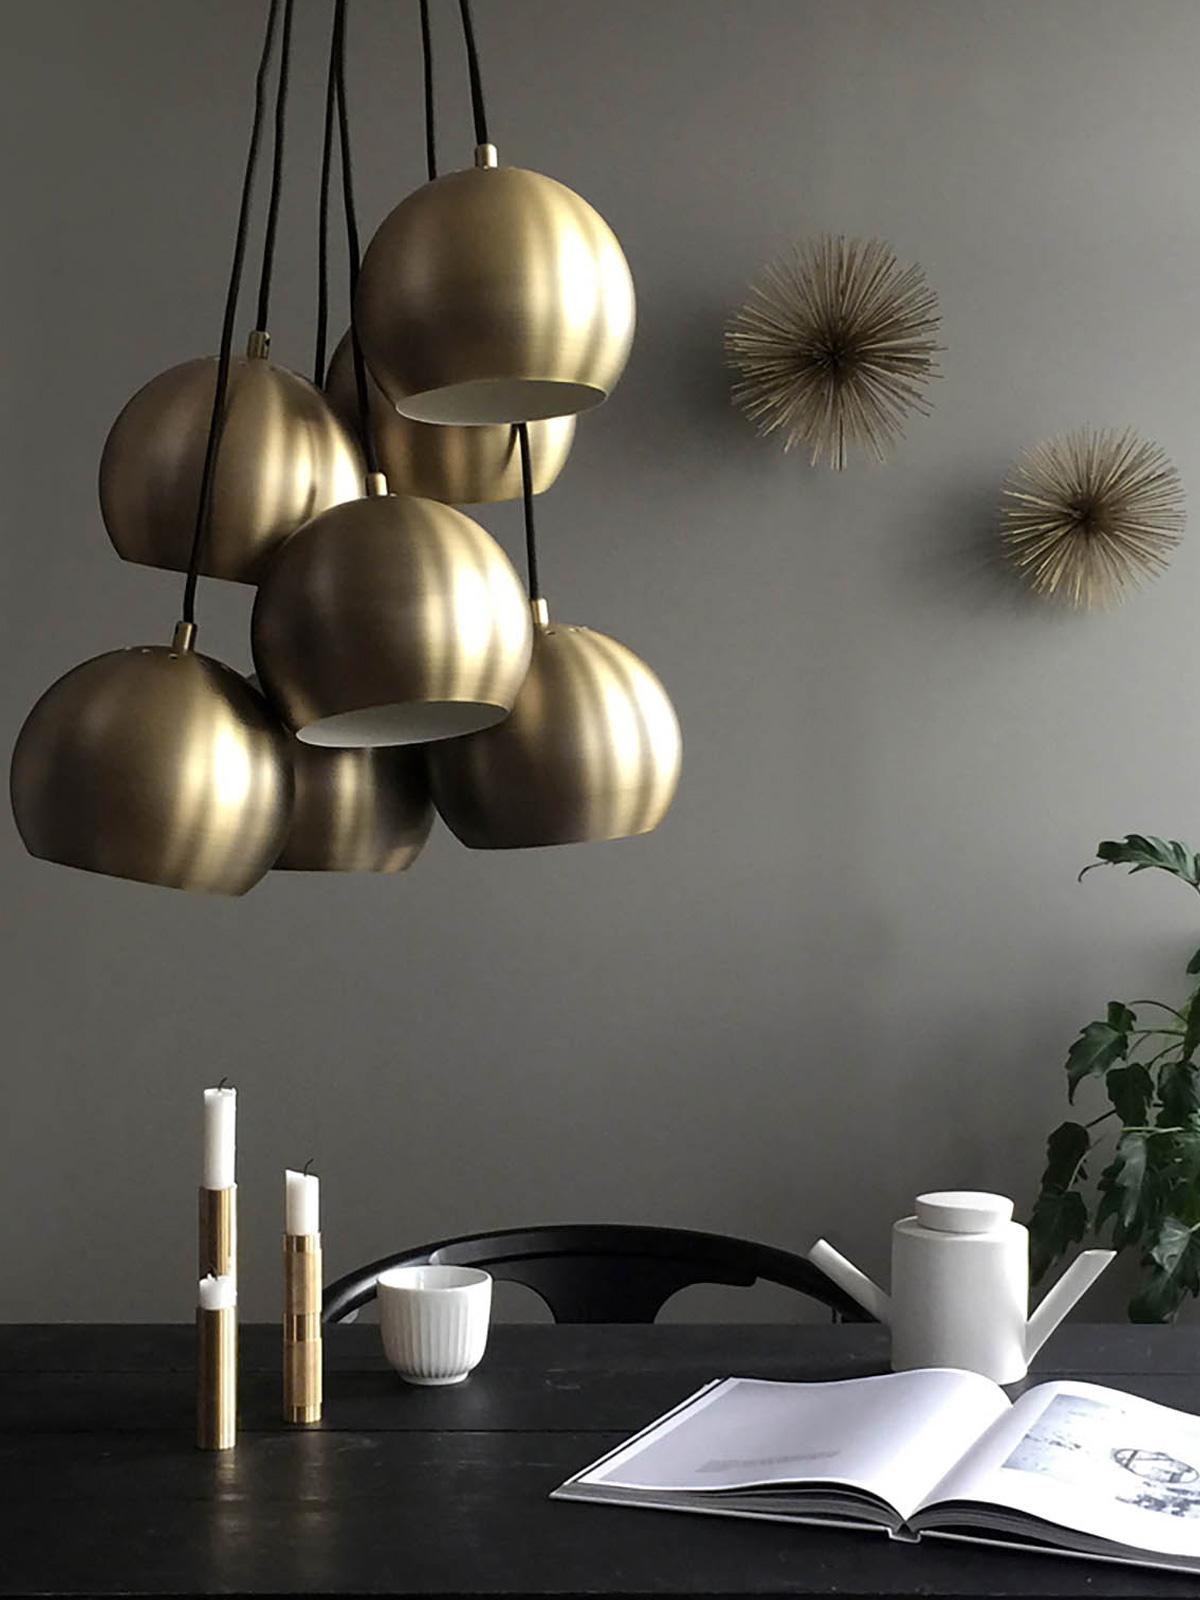 DesignOrt Blog: Messingleuchten Kronleuchter Ball Multi von Frandsen